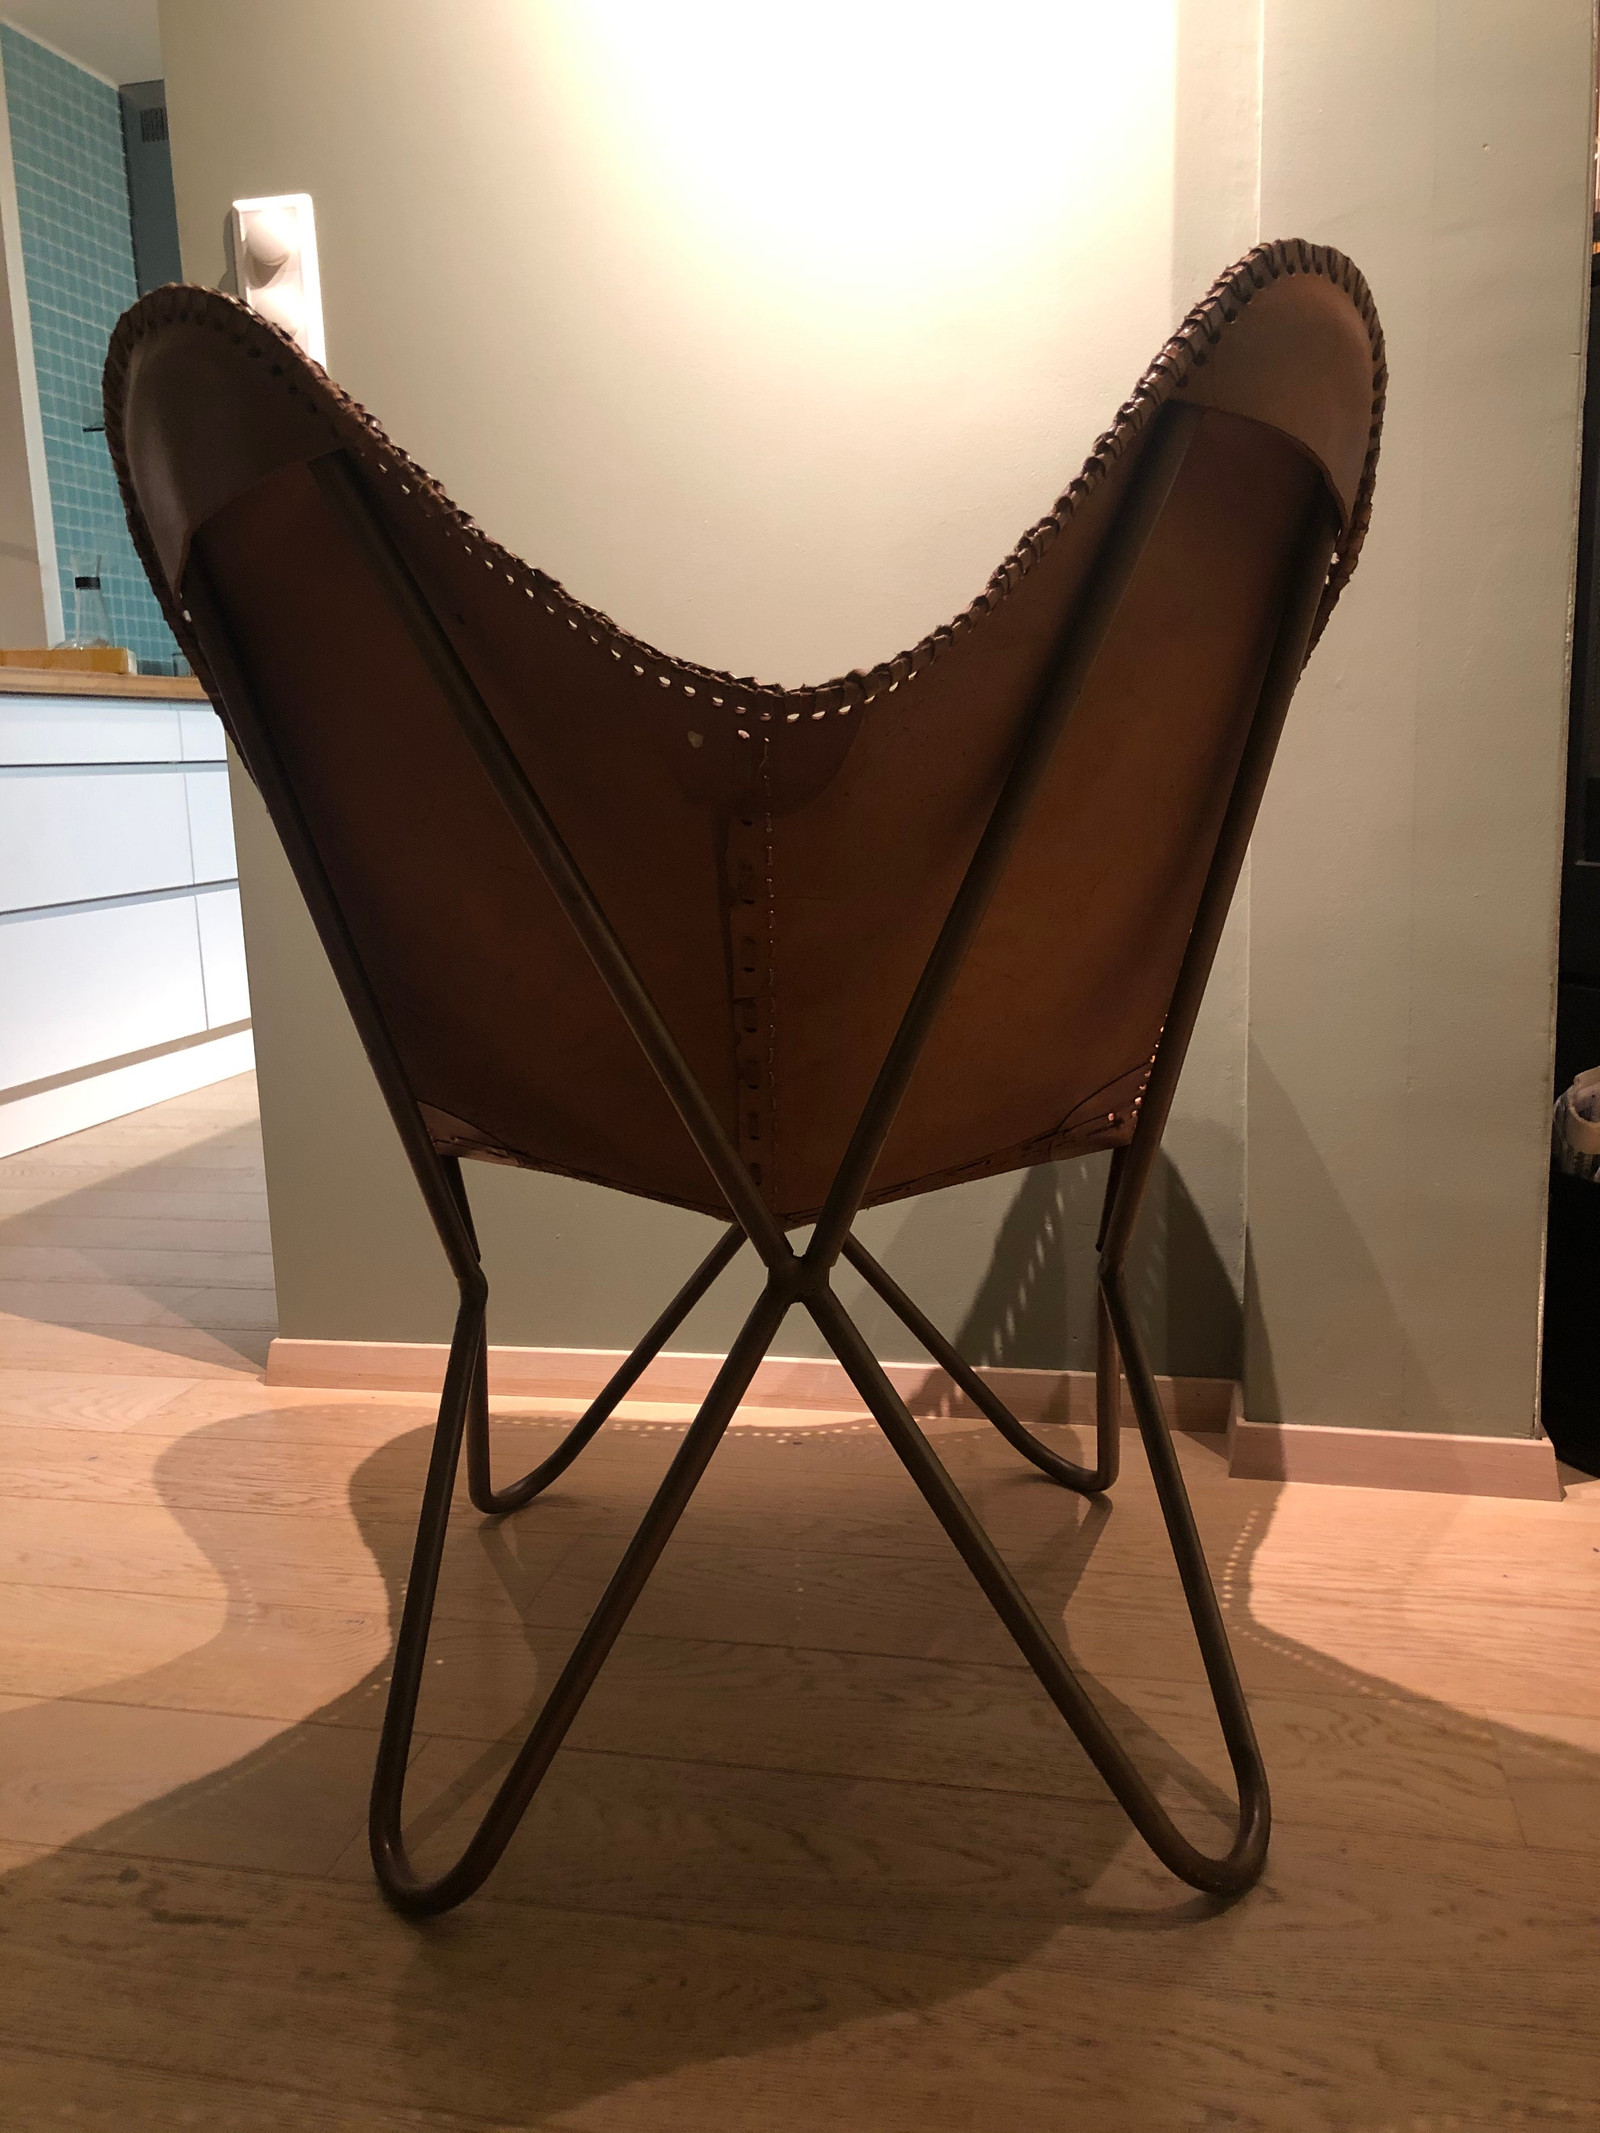 Strøken Butterfly stol, nærmest ubrukt, selges pga flytting